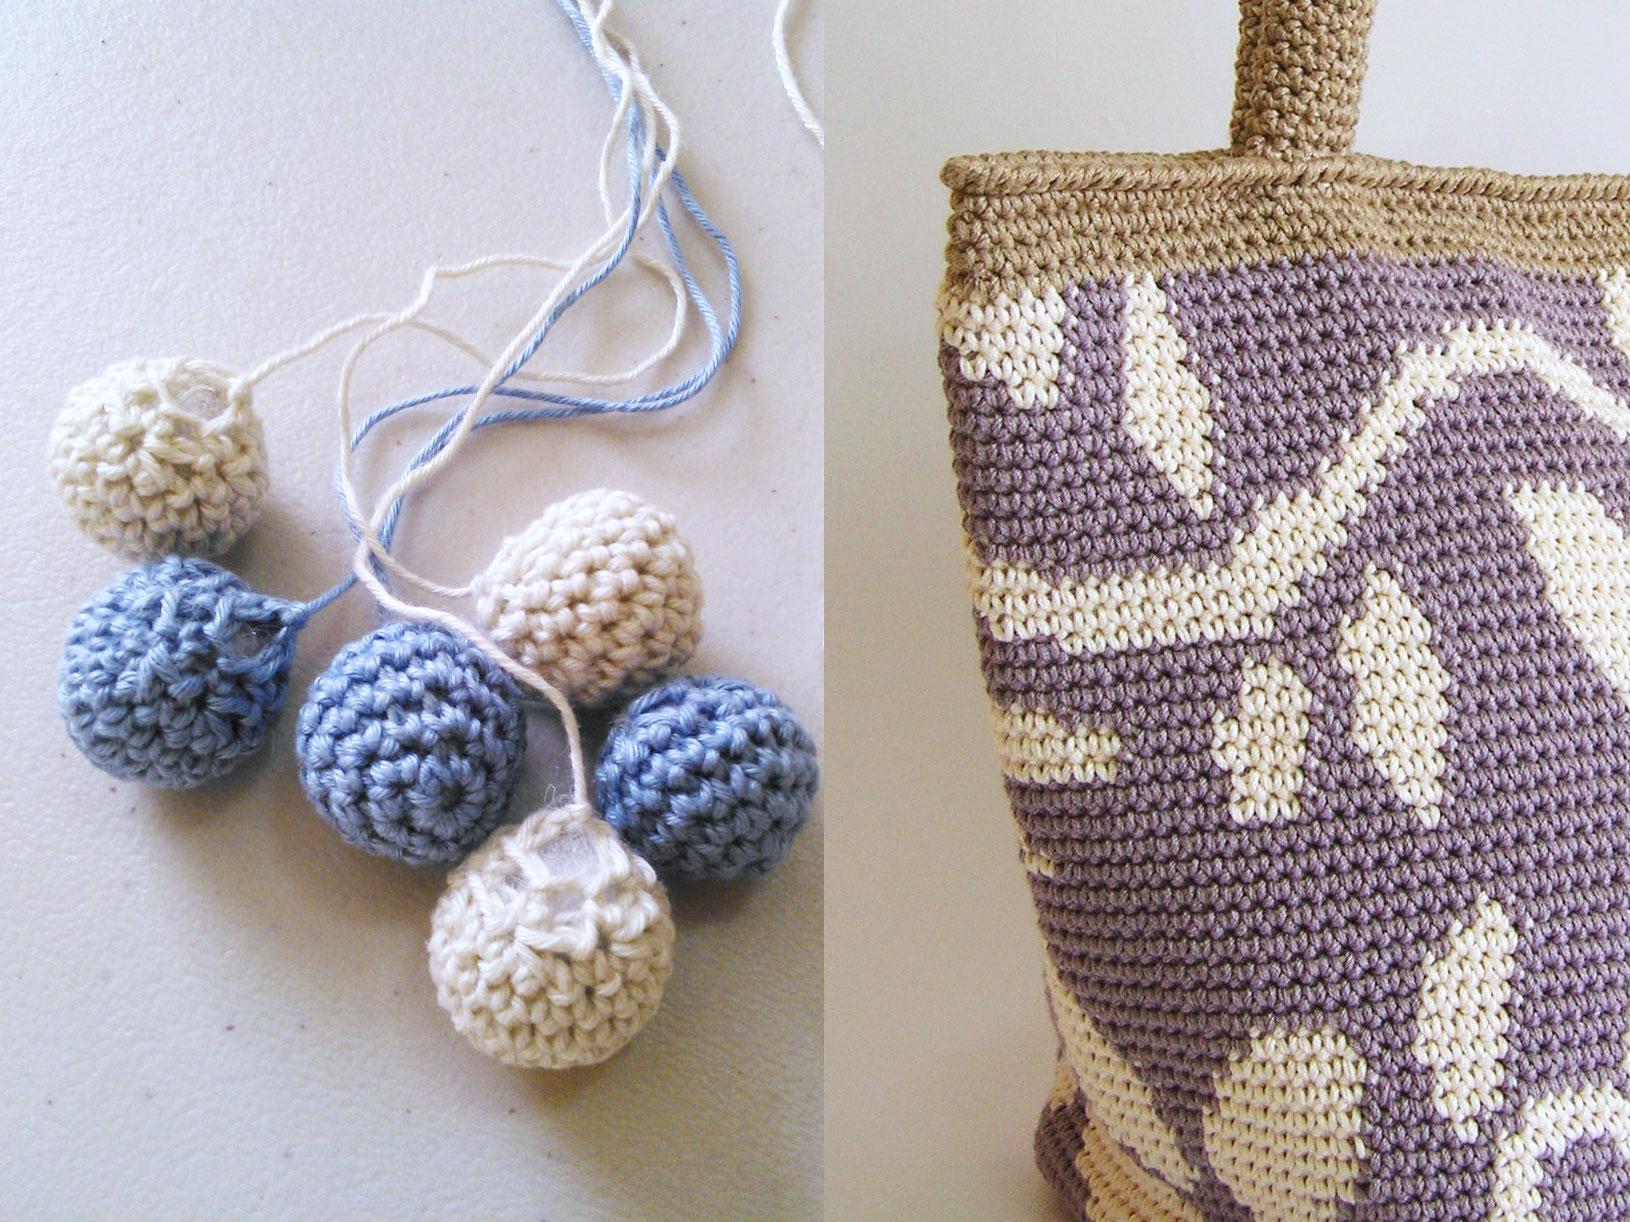 Crochet and knit designers from around the globe Diseadores de tejido del mundo